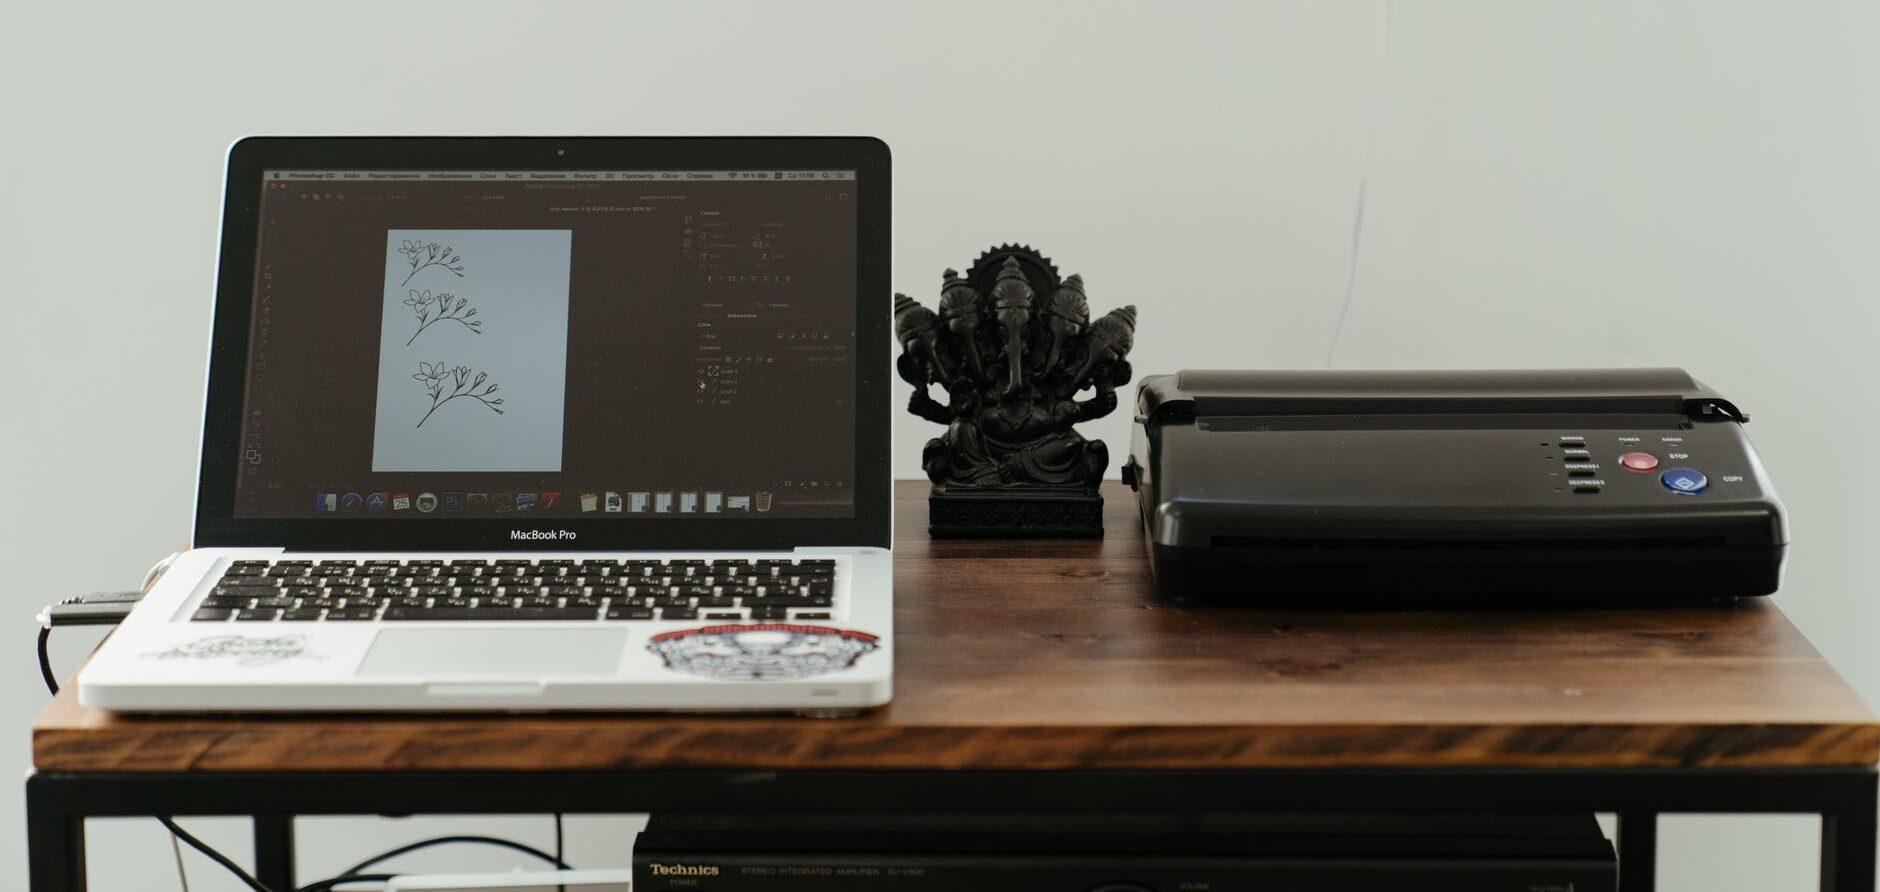 une imprimante avec un ordinateur à coté